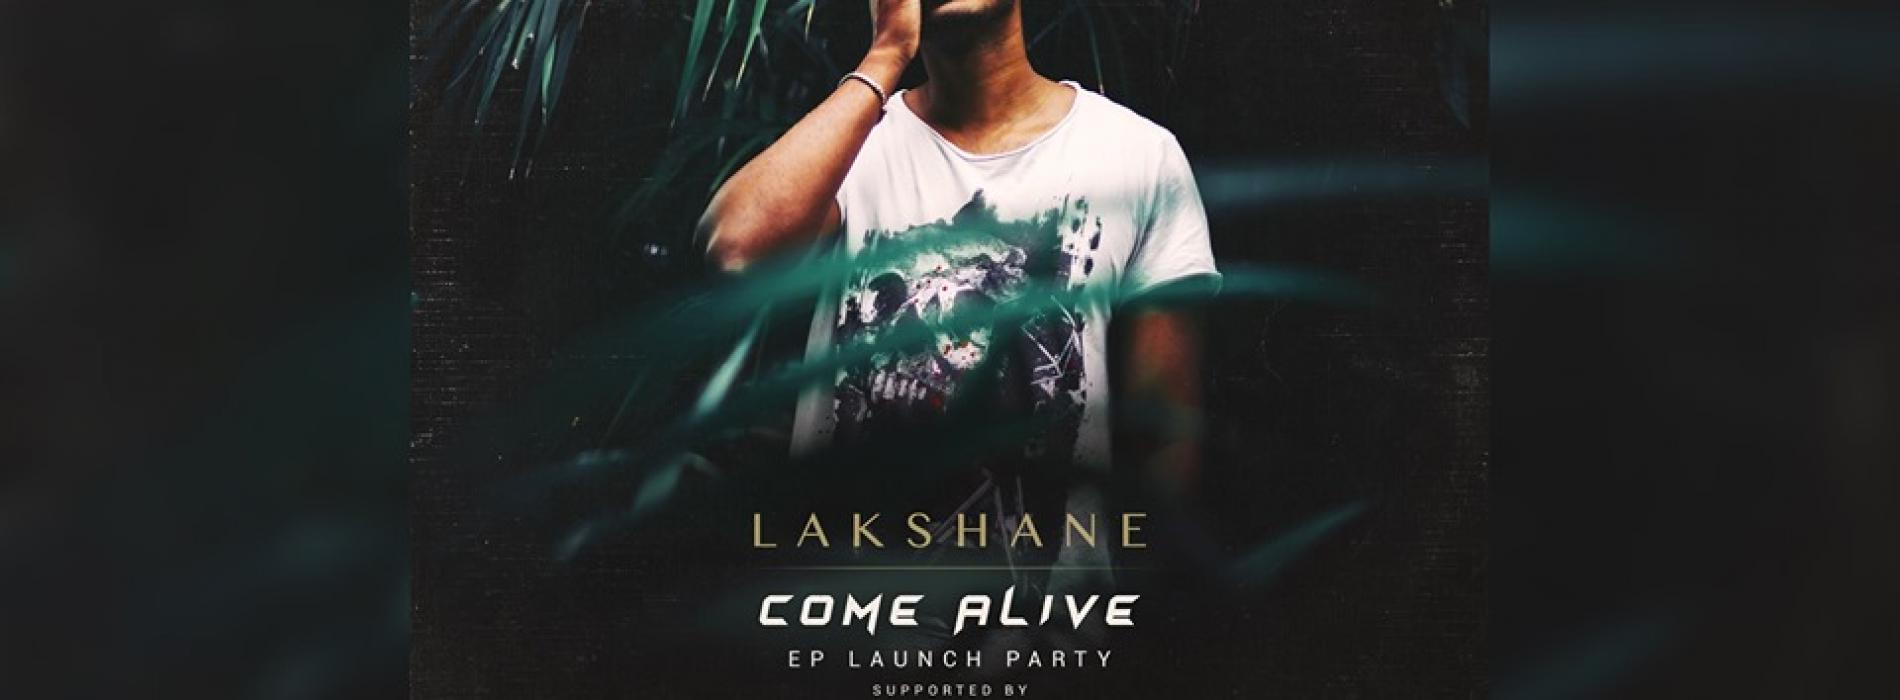 Lakshane Announces Debut Ep